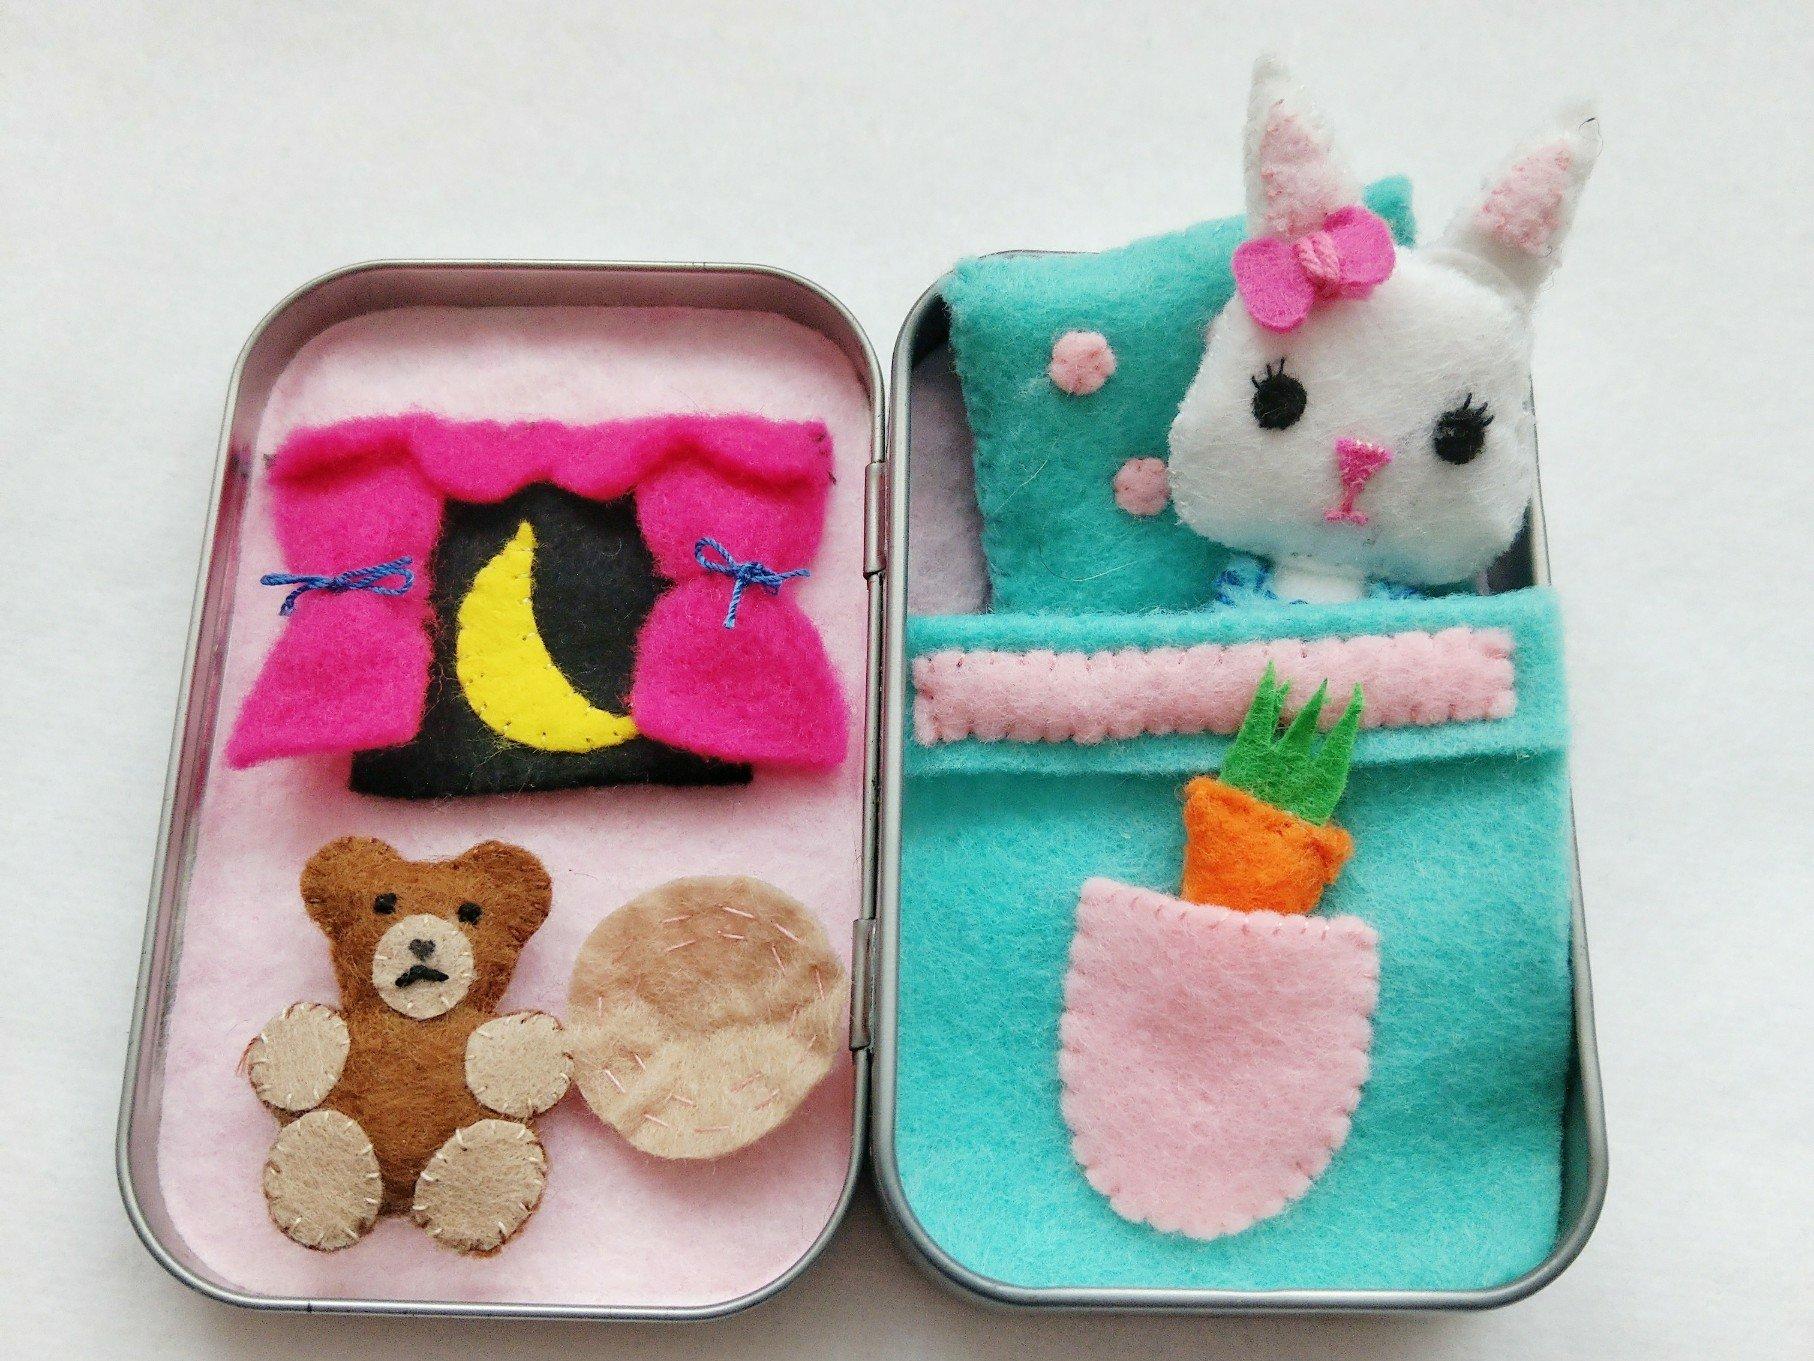 Spielzeug Hase in der Dose – DIY Mini Spielhaus I für Kinder